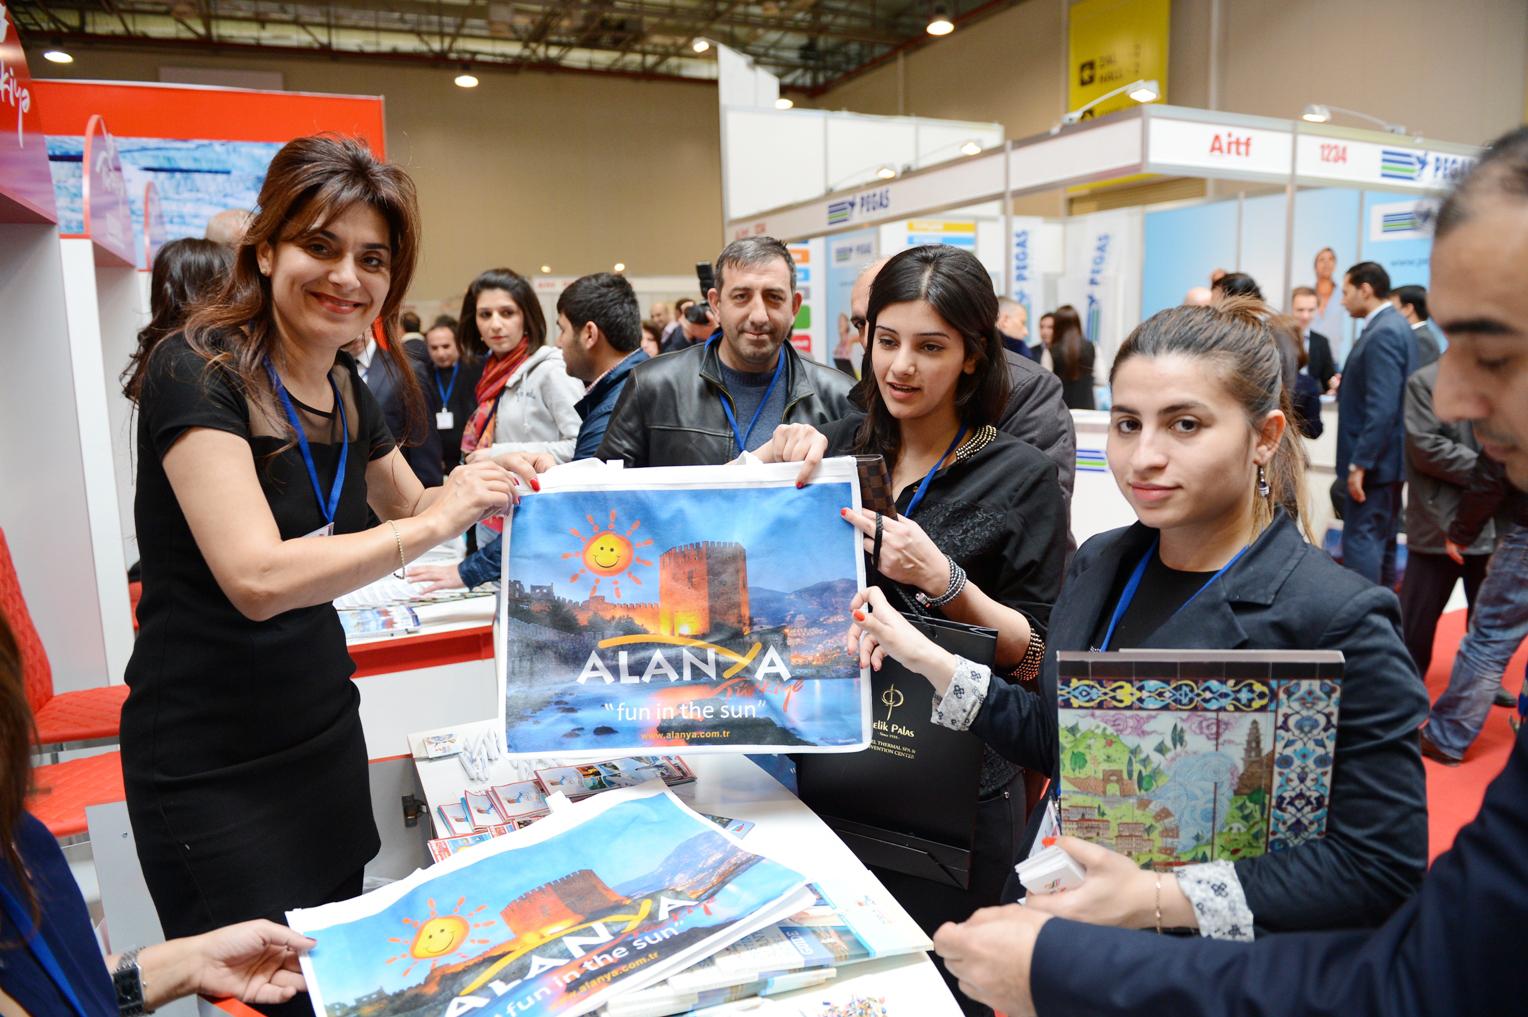 AITF Bakü Turizm Fuarı Azerbaycan, Alanya tanıtım materyalleri ilgi gördü.